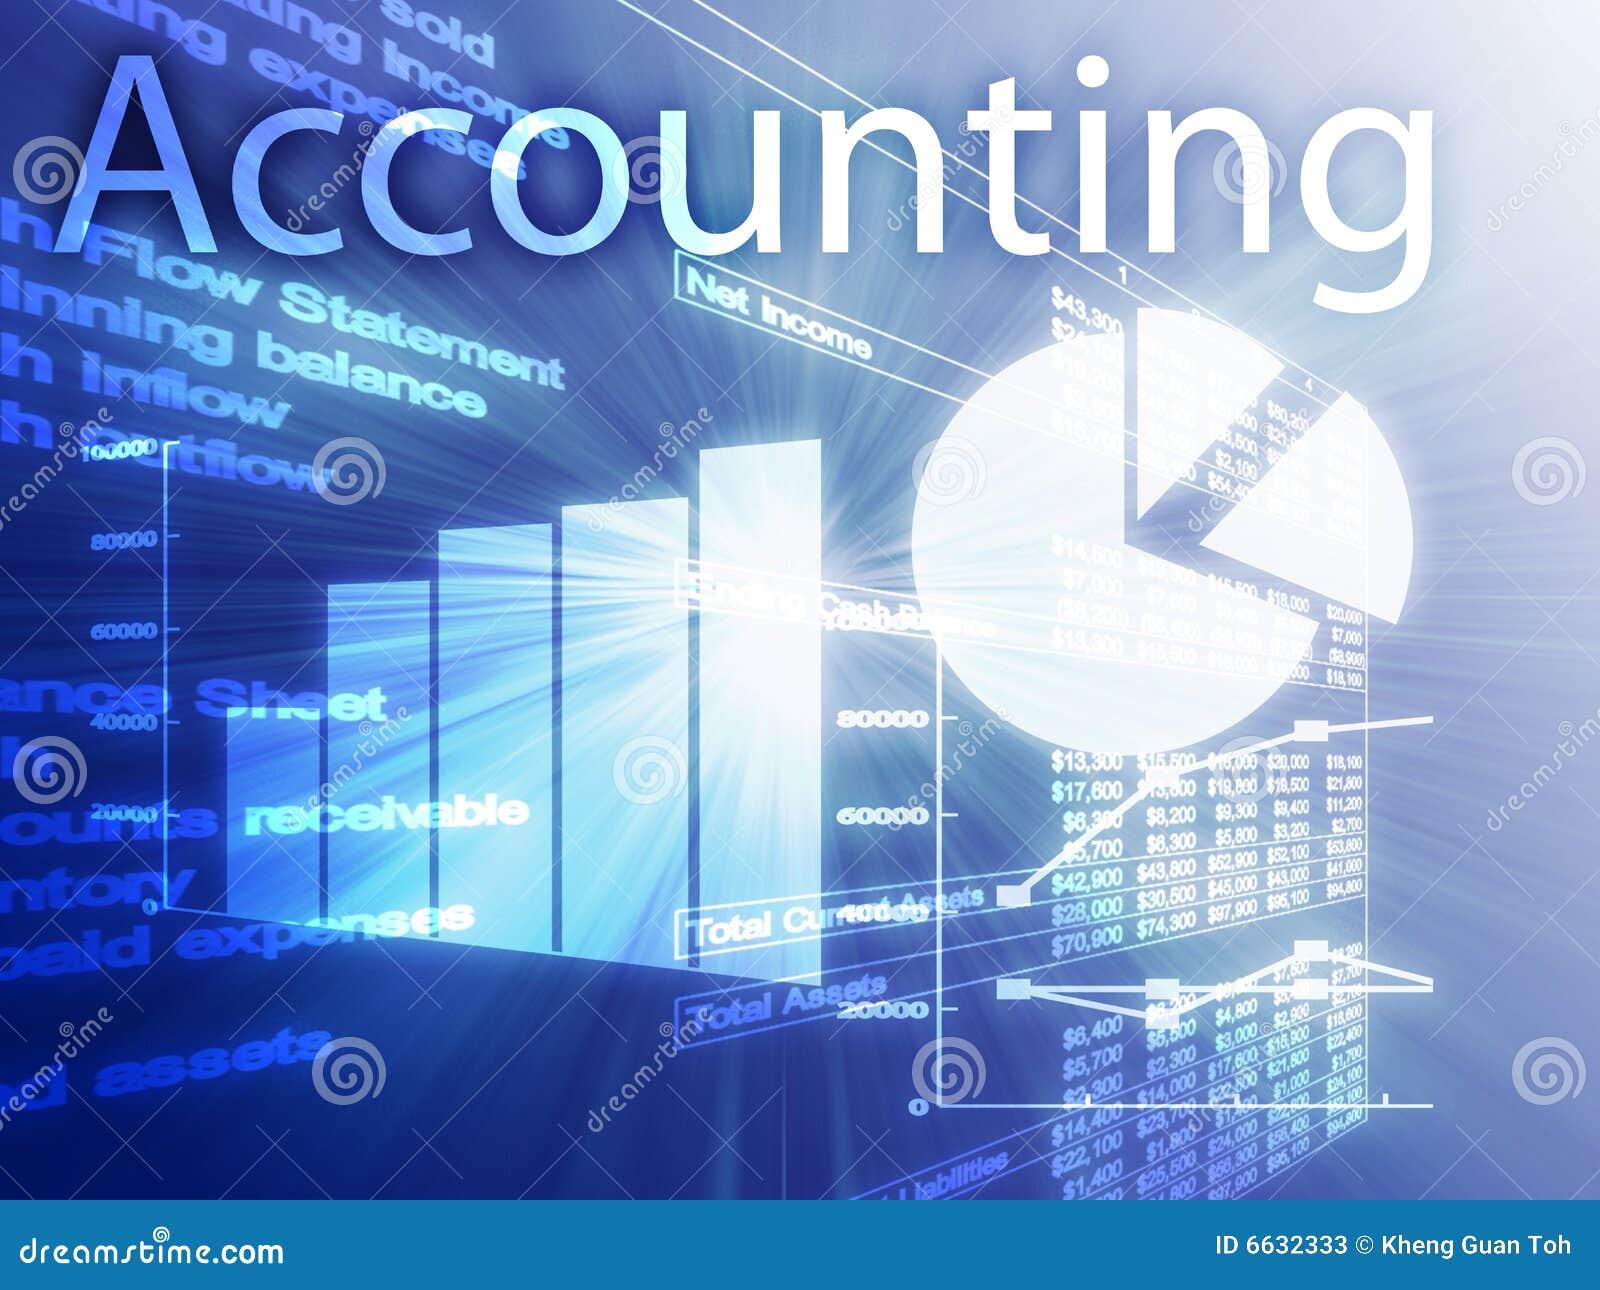 accounting illustration stock illustration  image of profits